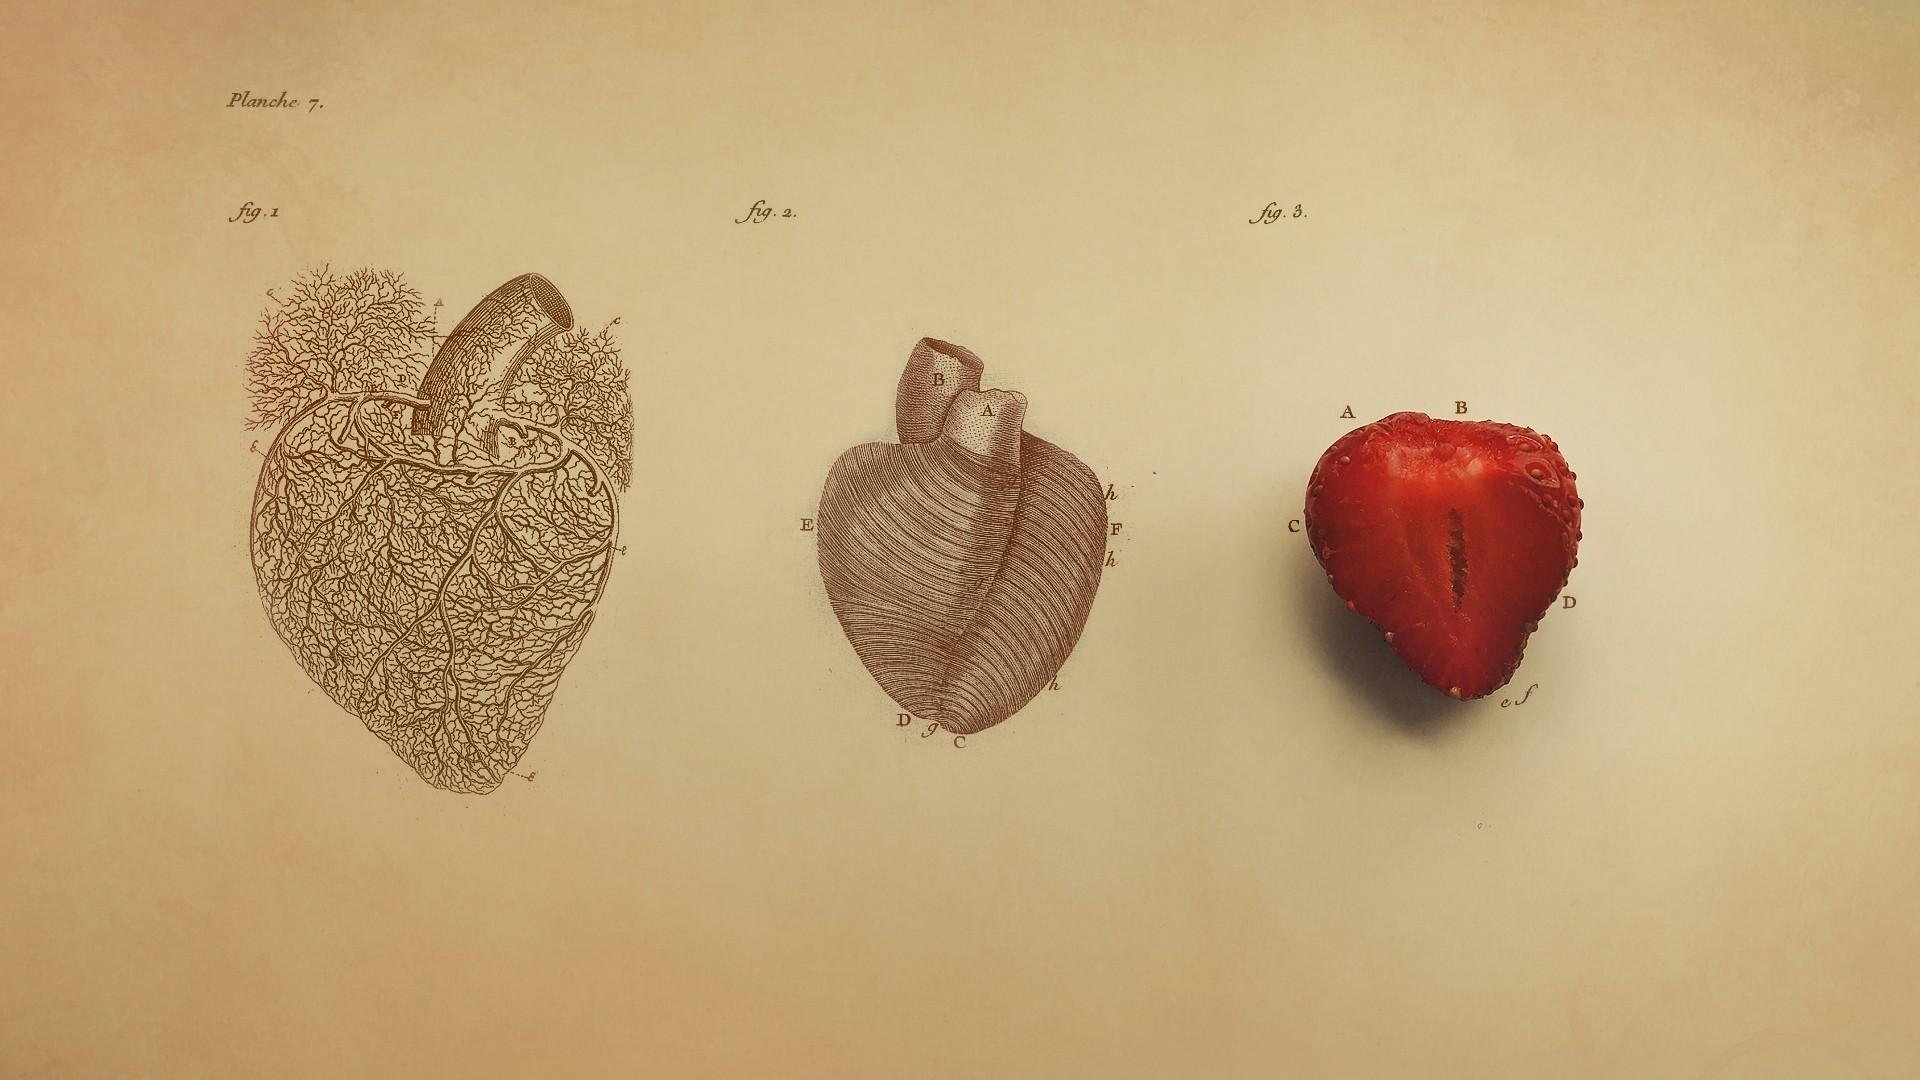 vintage red real heart diagram 2003 dodge grand caravan radio wiring wallpaper drawing digital art simple background